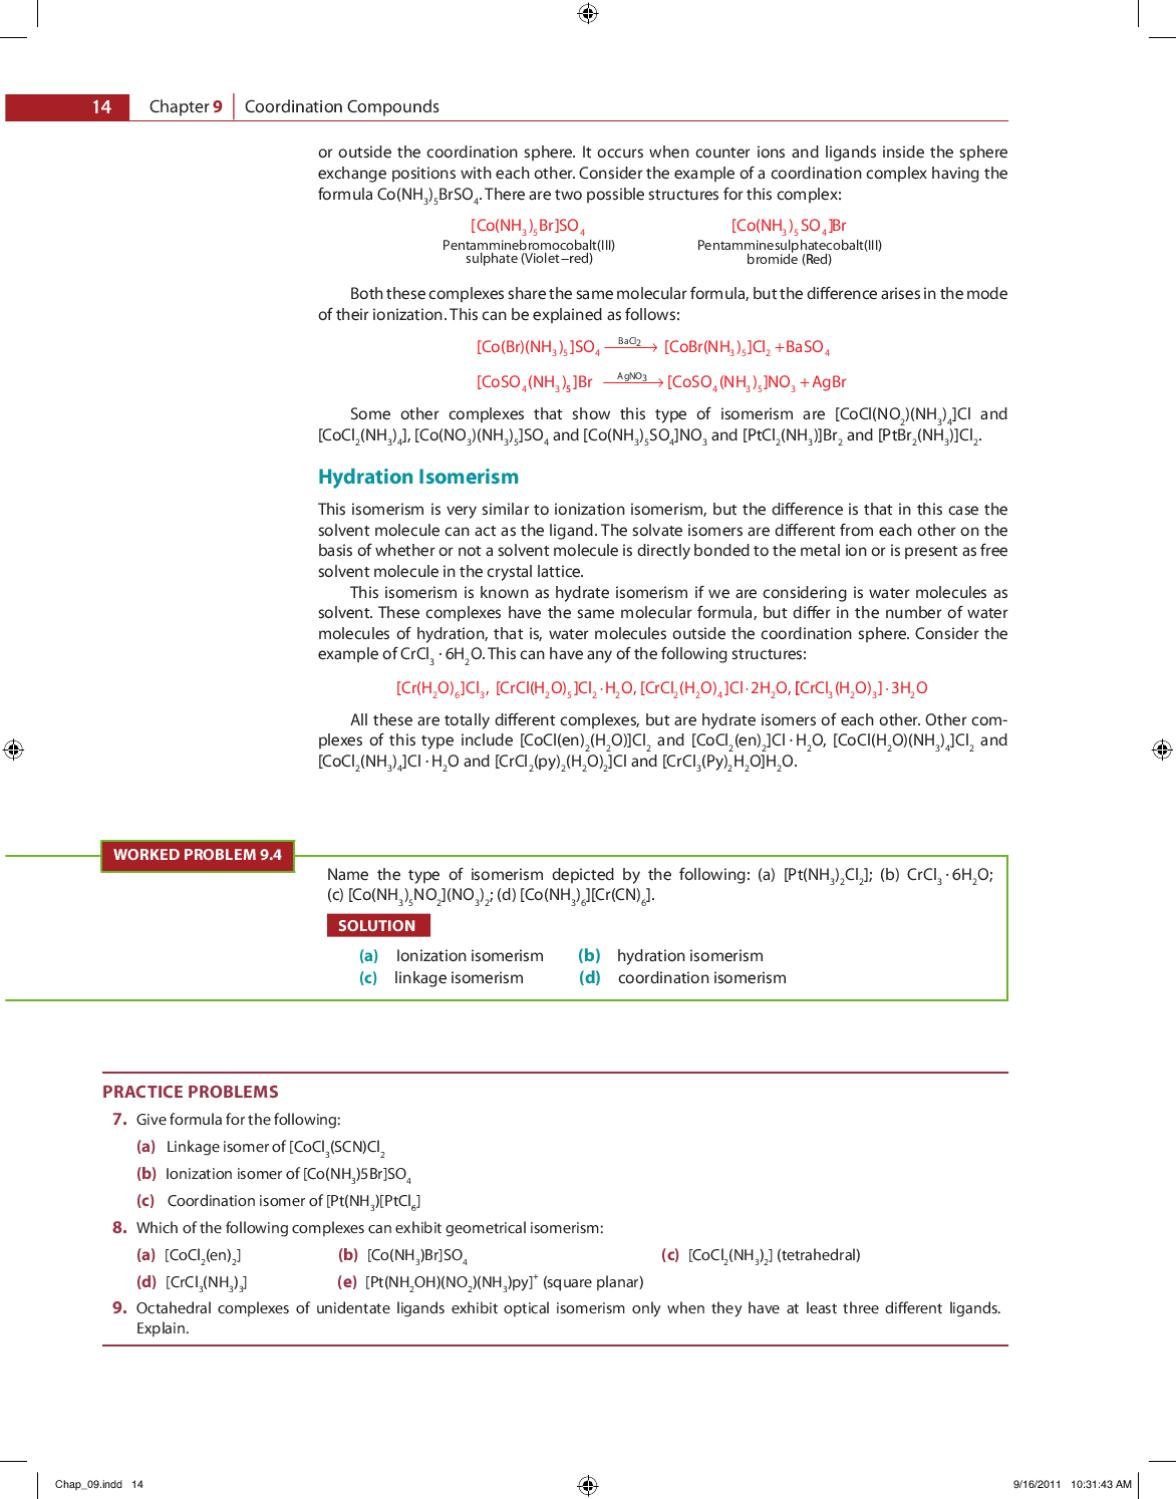 Ch-9 Chemistry by pragya joshi - issuu